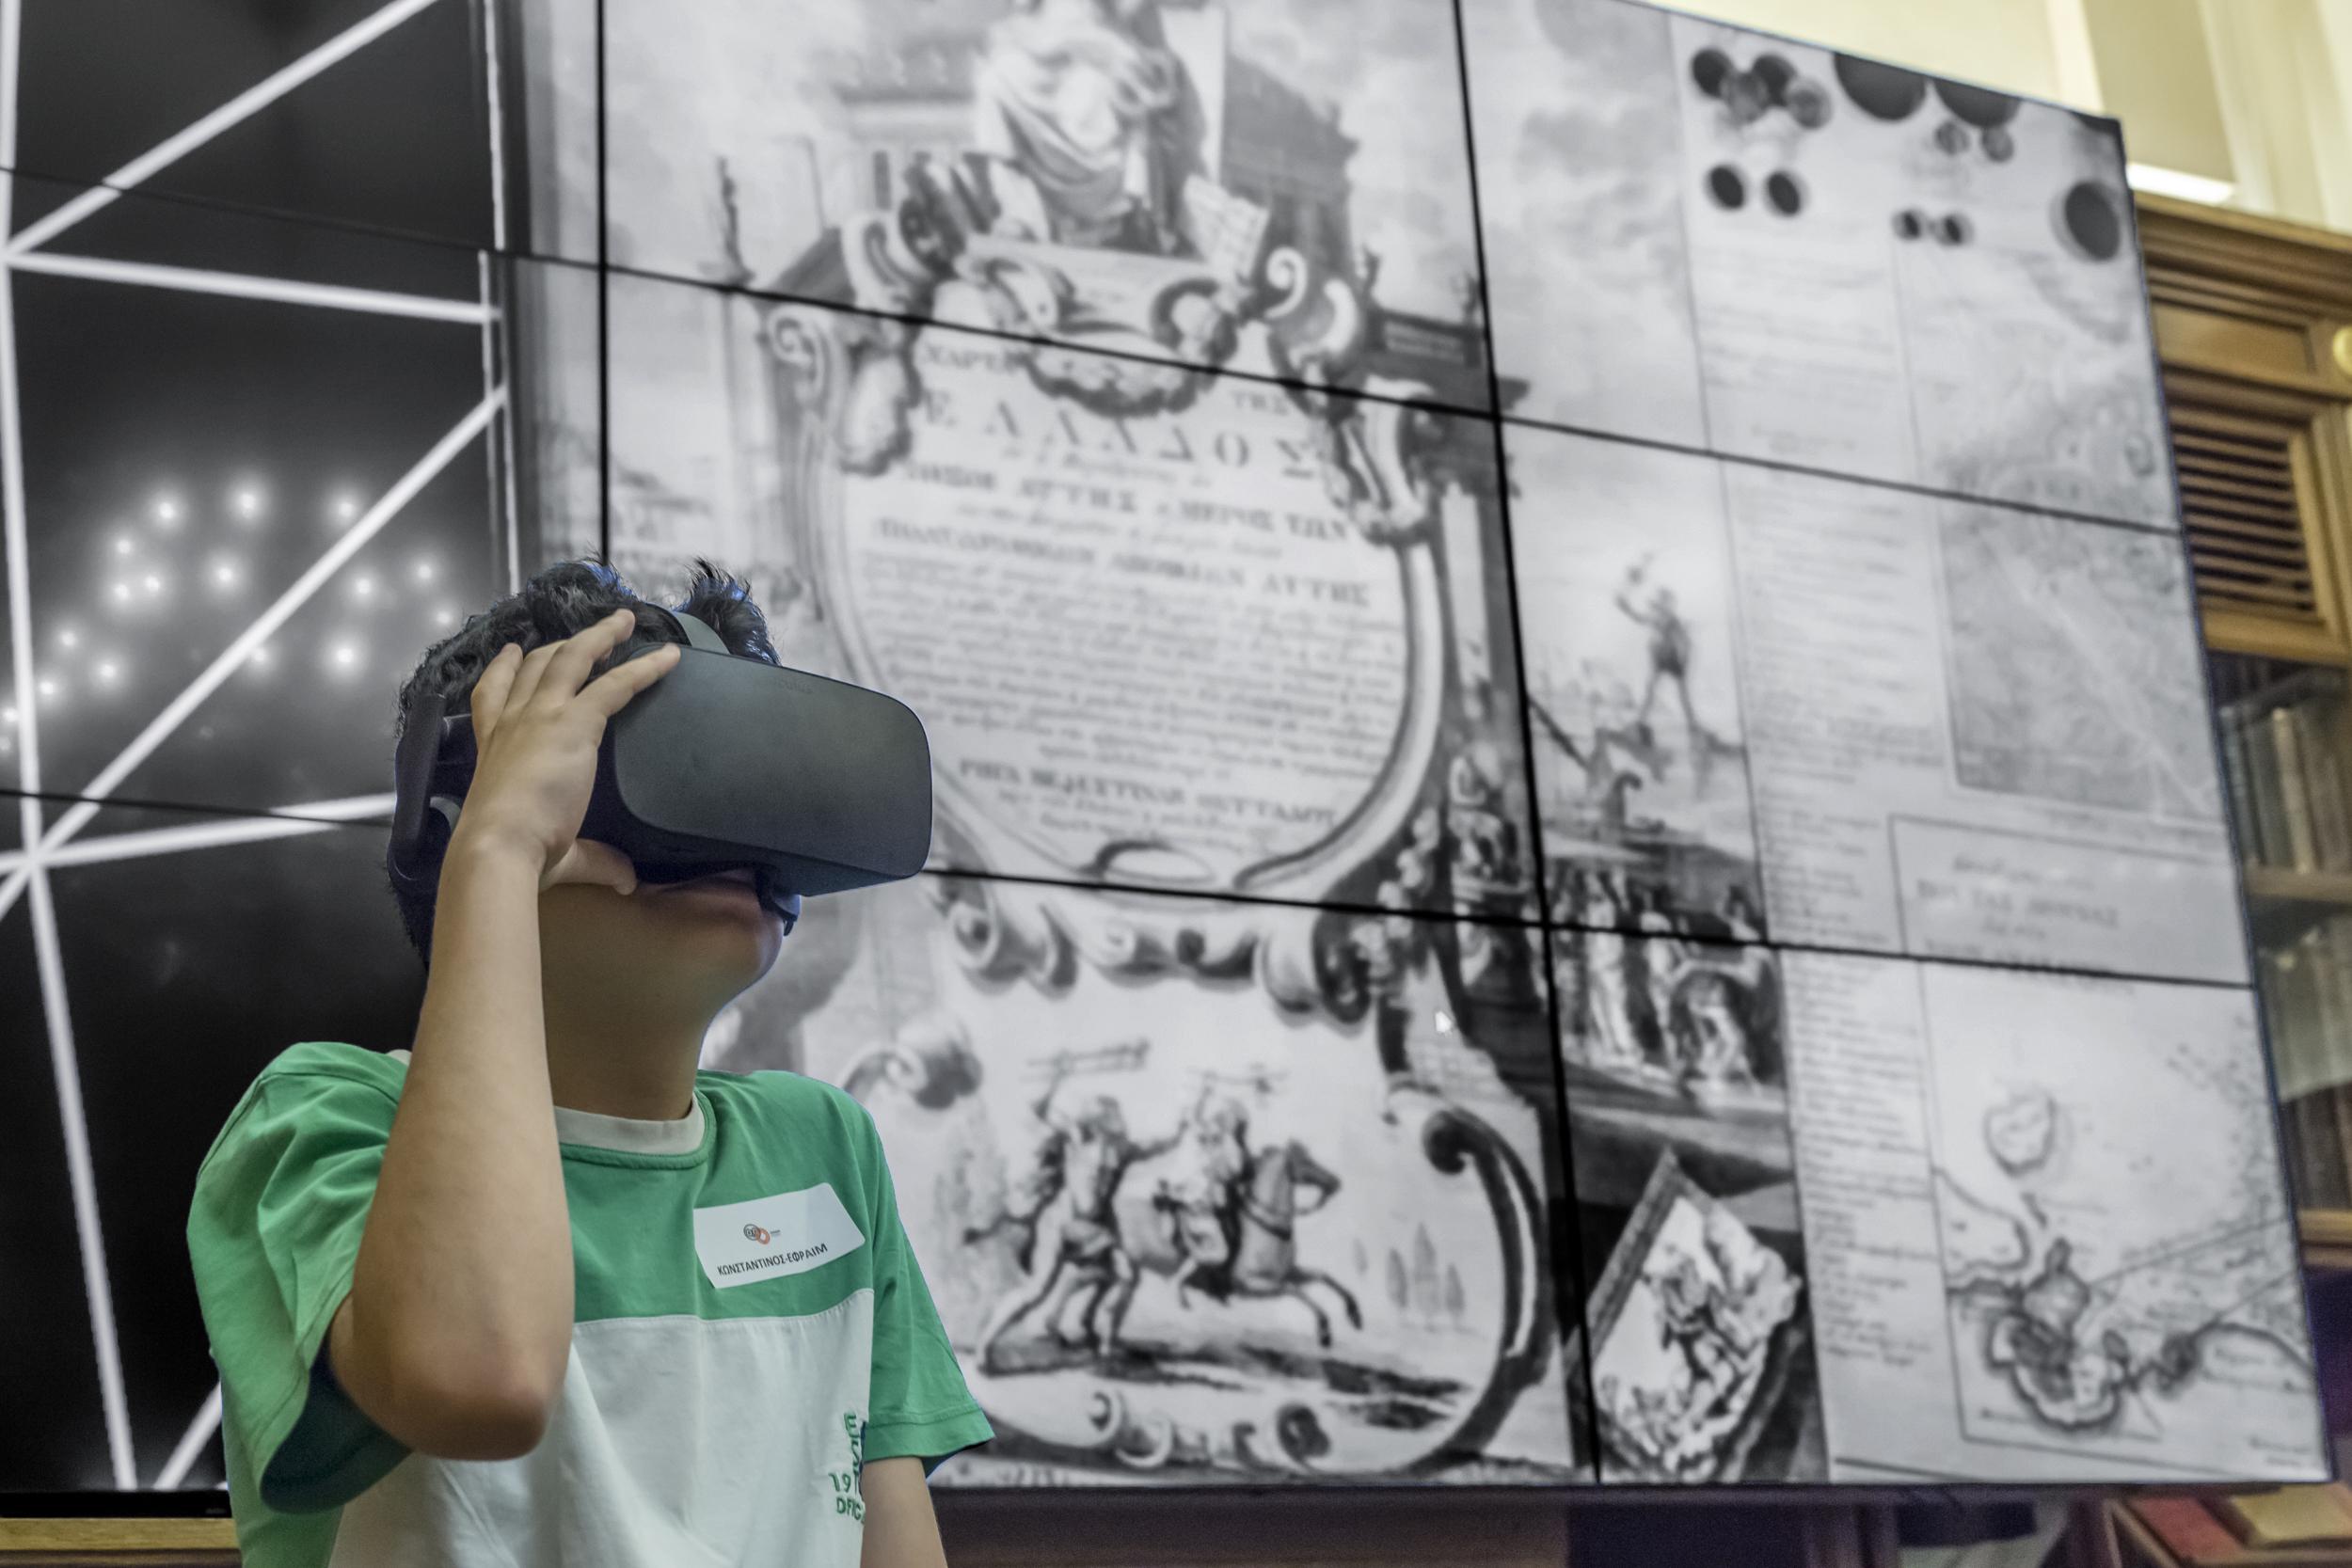 Η Χάρτα του Ρήγα Φερραίου από το χαρτί σε ψηφιακή μορφή